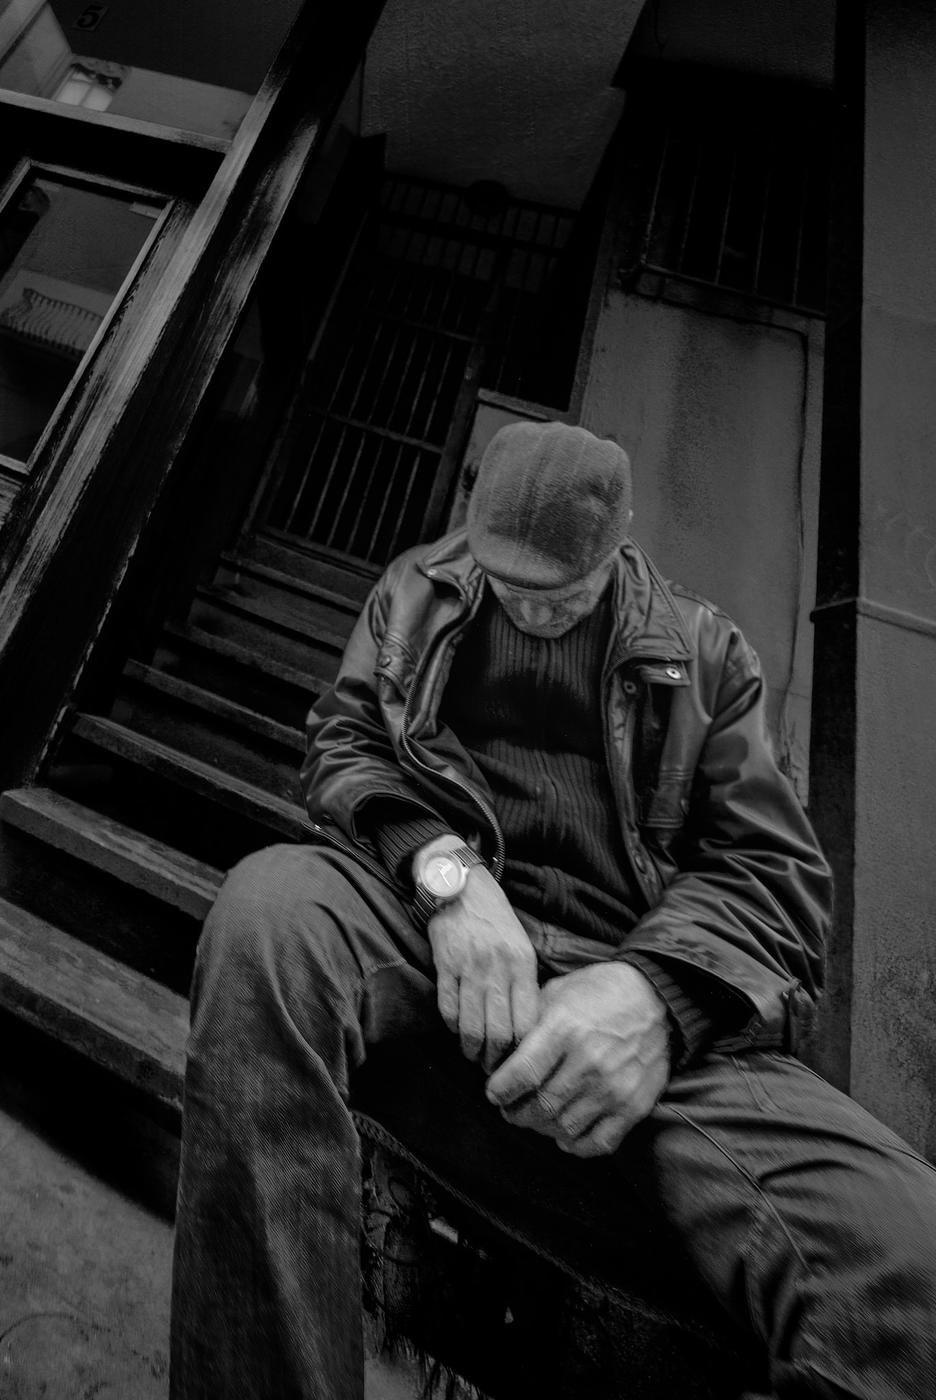 Hombre siesteando (Diego Canales Tafur)